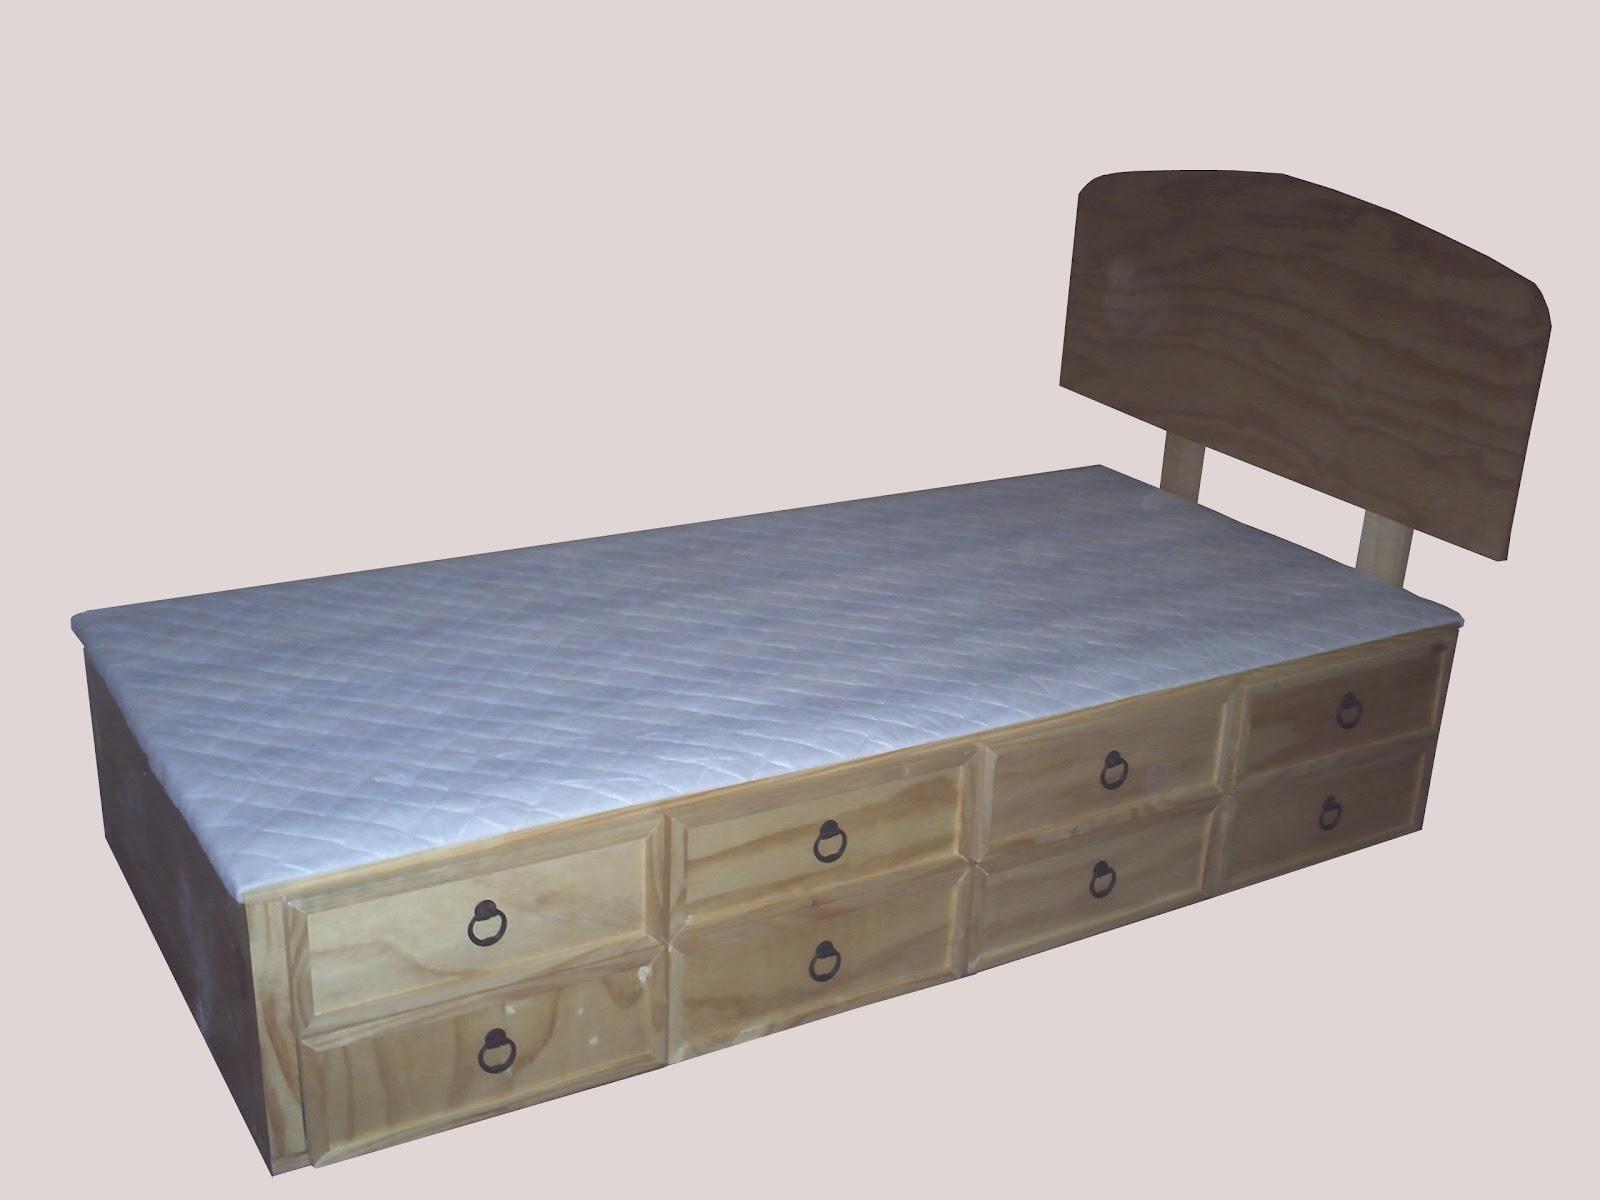 Decoracion mueble sofa camas con cajonera for Mueble cama con cajones